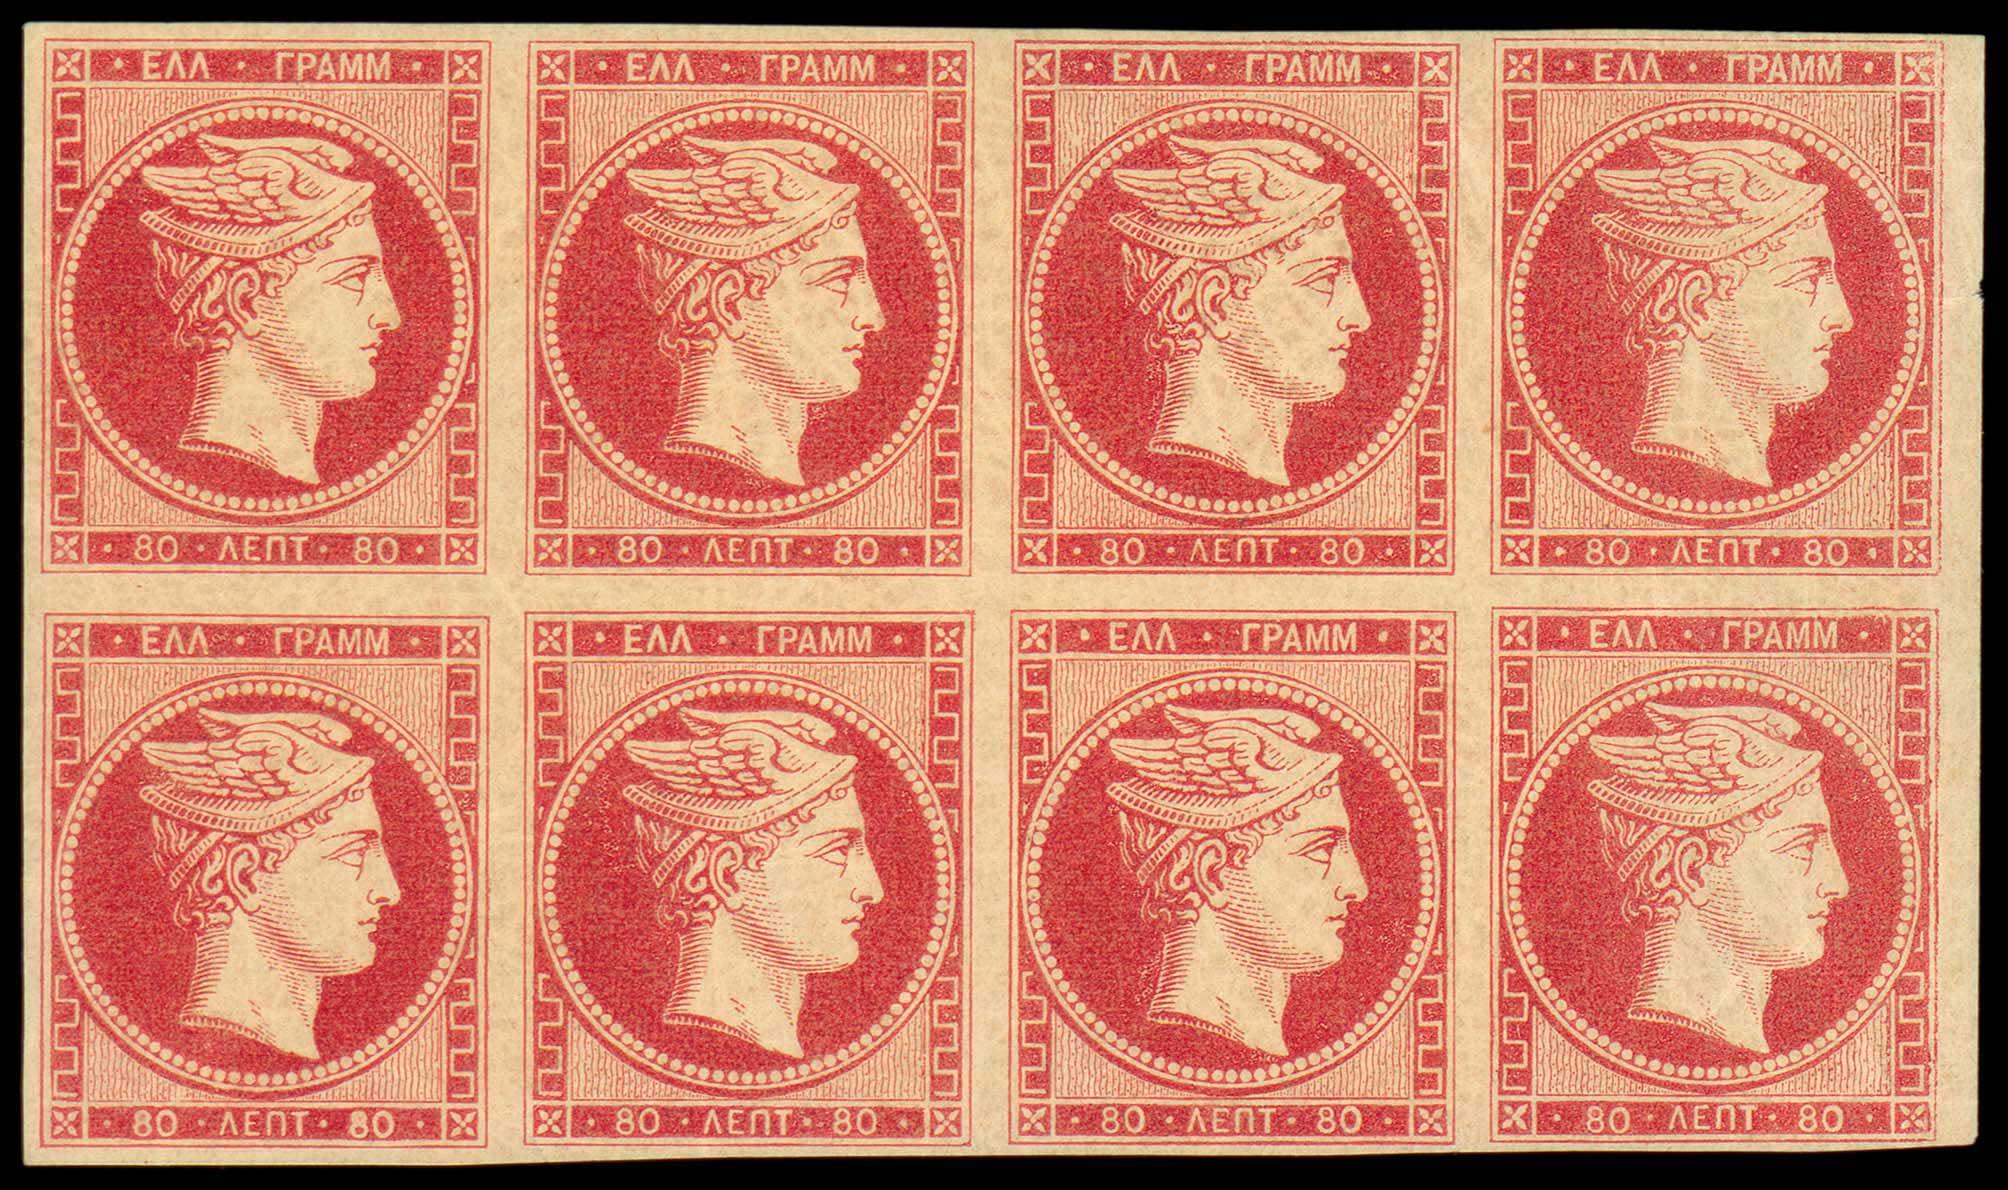 Lot 22 - -  LARGE HERMES HEAD 1861 paris print -  A. Karamitsos Public Auction 637 General Stamp Sale